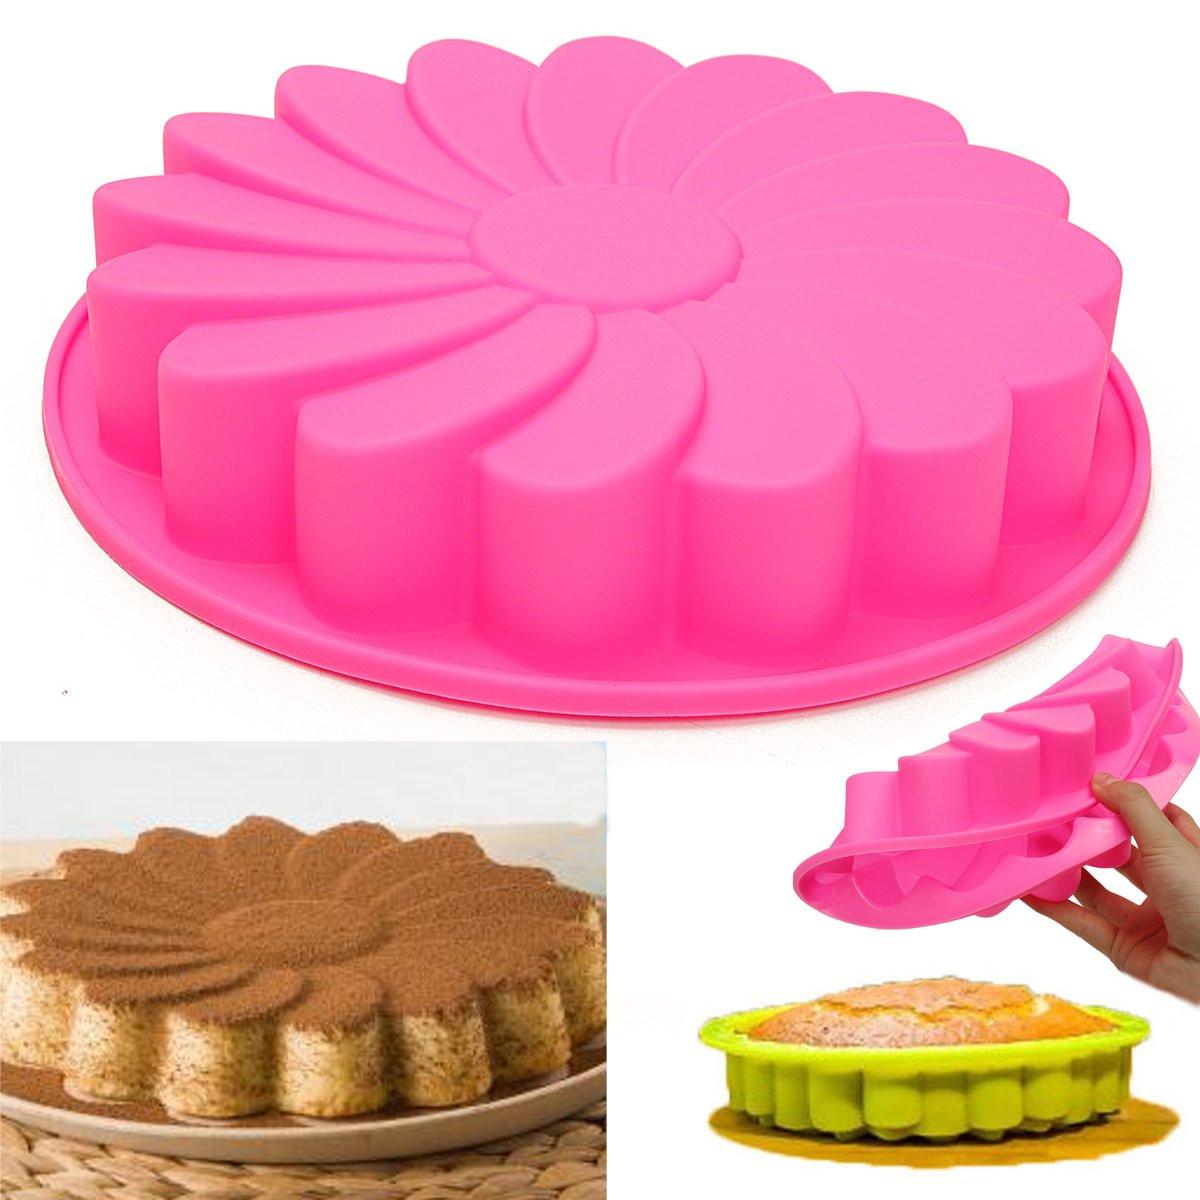 Силиконовый Цветочный торт Шоколадный хлеб Форма для выпечки Форма для выпечки кекса Форма для выпечки Инструмент